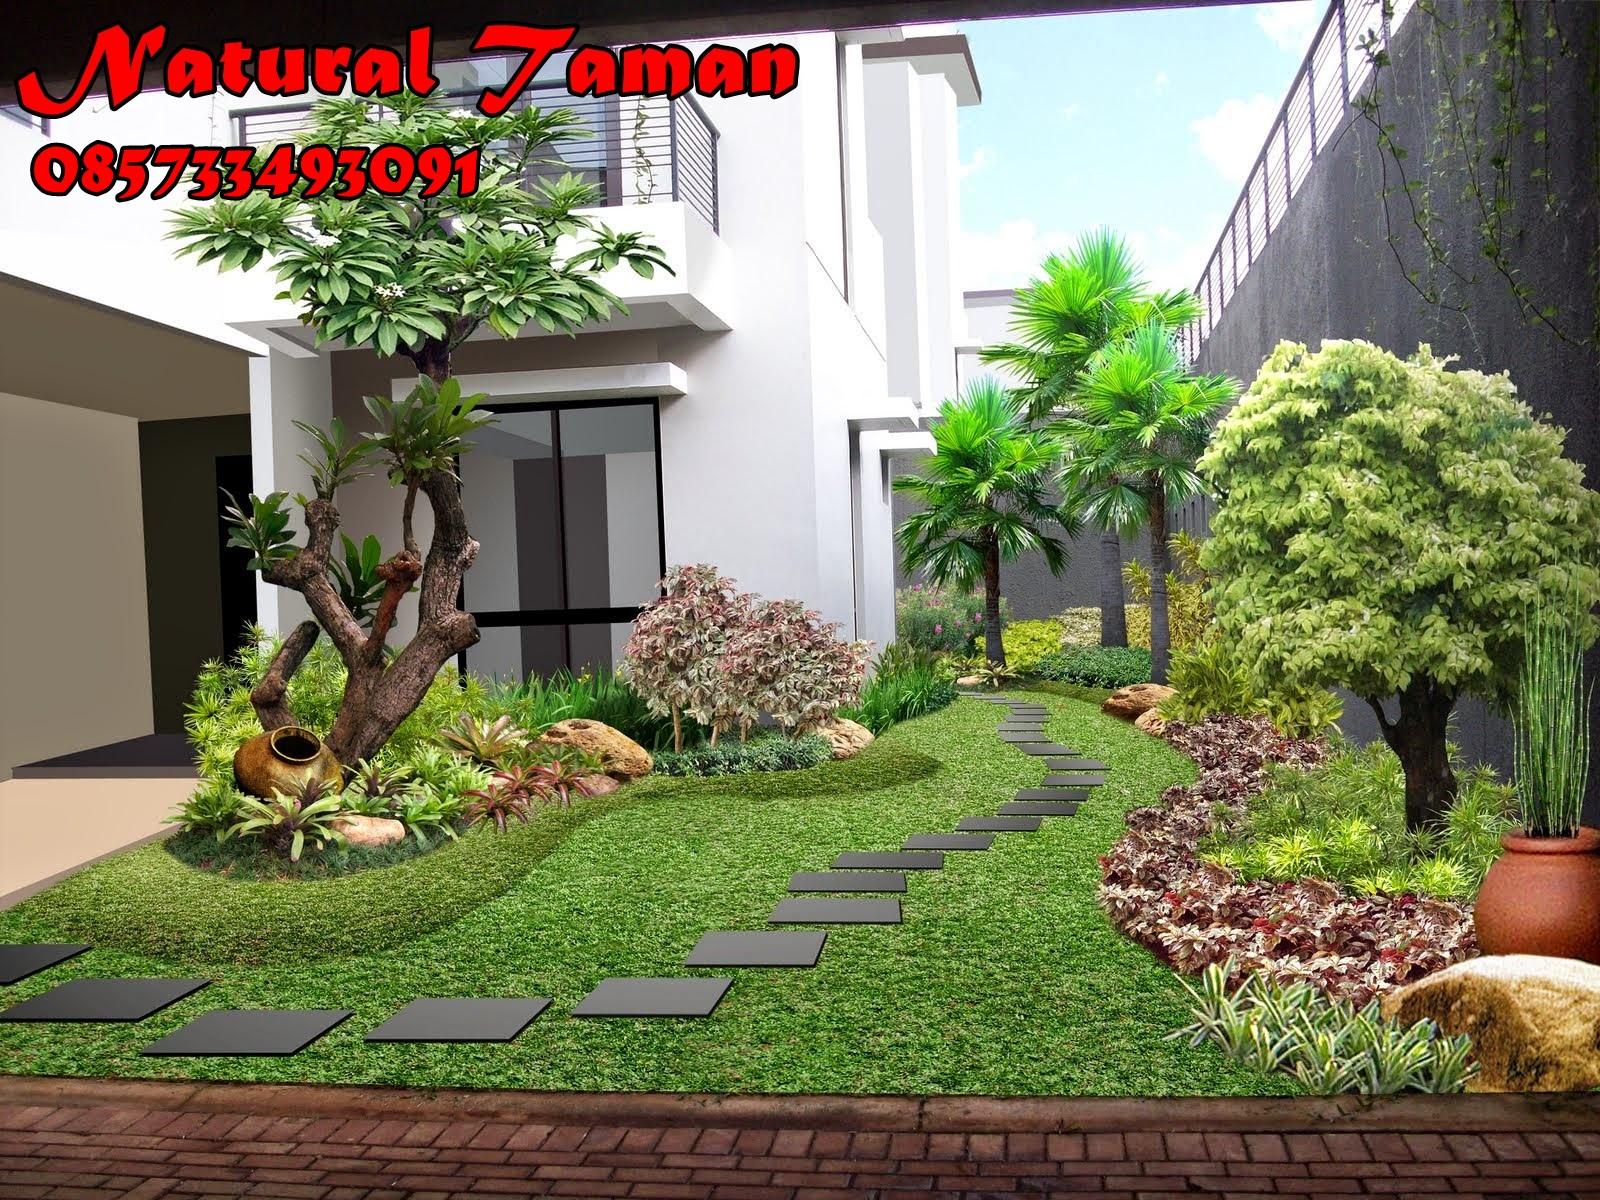 Jasa Desain Dan Pembuatan Taman Jakarta